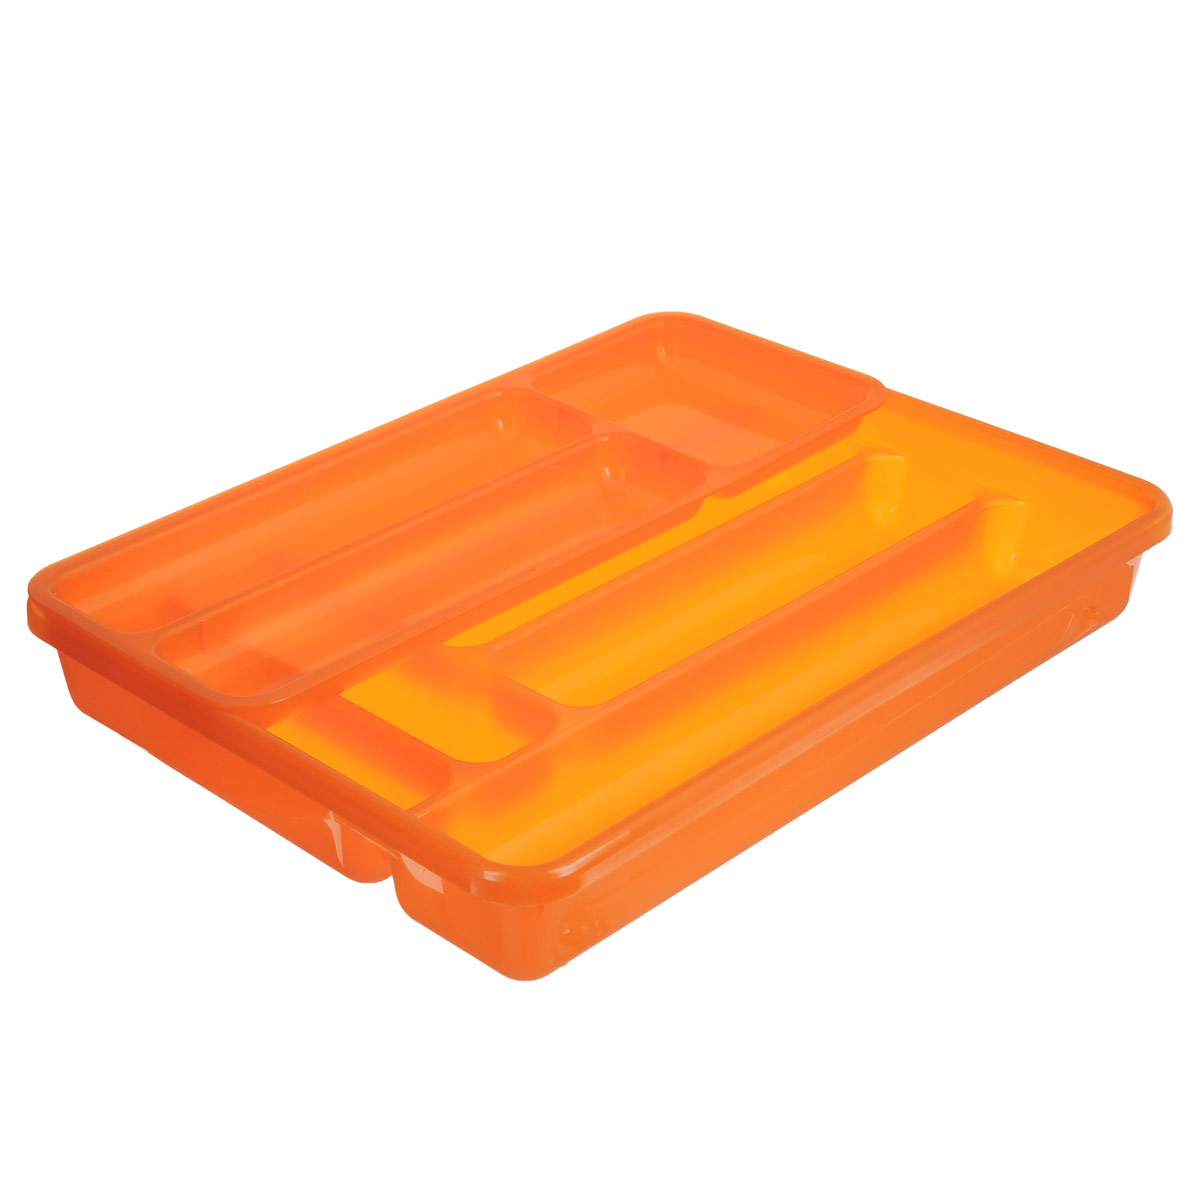 Лоток для столовых приборов Cosmoplast, двойной, цвет: оранжевый, 40 см х 30 смVT-1520(SR)Лоток для столовых приборов Cosmoplast изготовлен из пластика. Изделие имеет 3 одинаковых секции для столовых ложек, вилок и ножей, 2 секции для чайных ложек и других мелких столовых приборов и длинную секцию для различных кухонных принадлежностей. Лоток оснащен съемным отделением с 3 дополнительными секциями. Помещается в любой кухонный ящик.